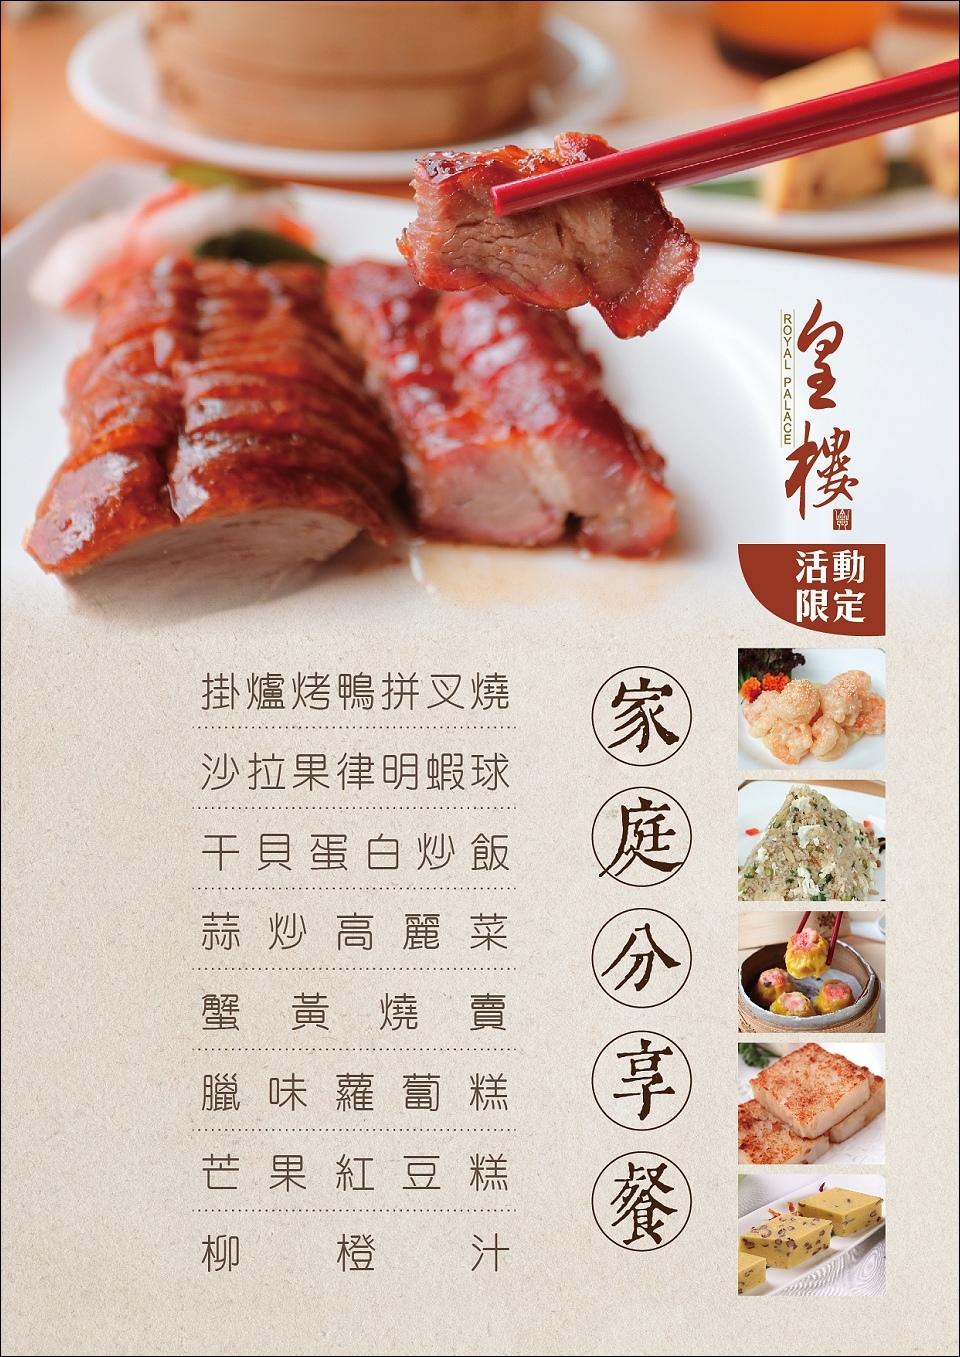 皇樓家庭分享套餐202007皇樓分享餐-01.jpg